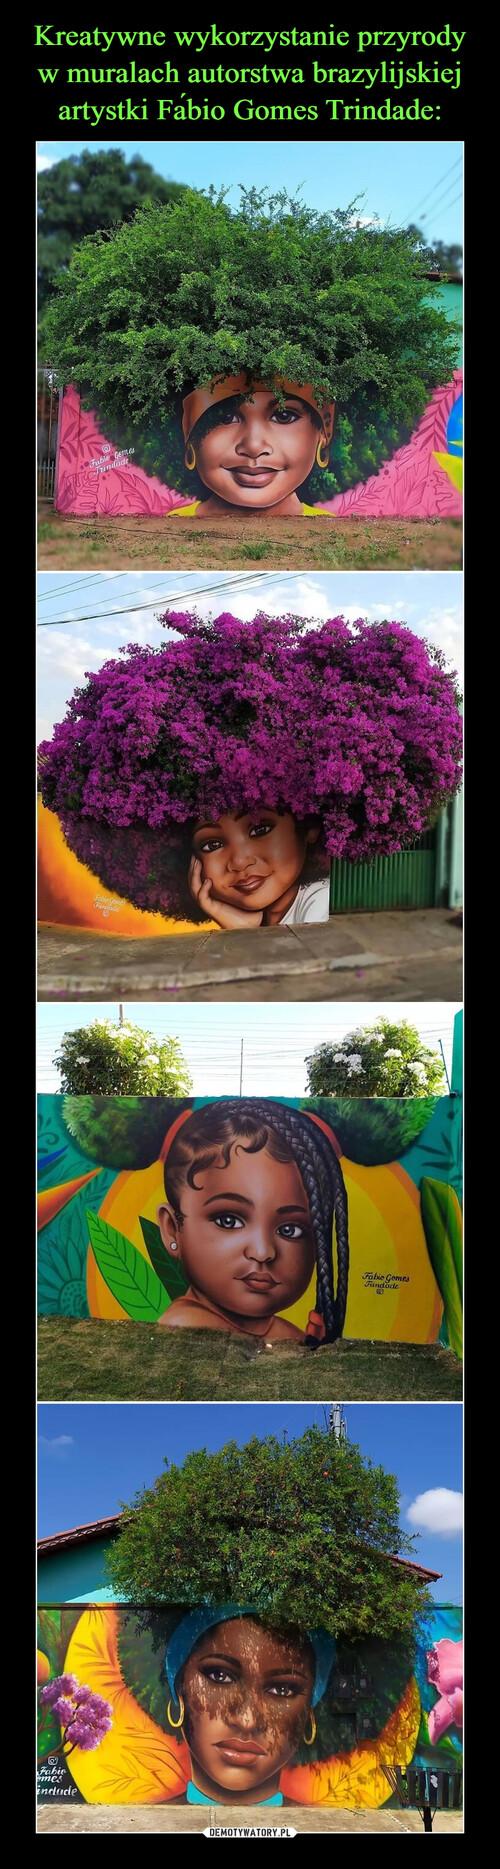 Kreatywne wykorzystanie przyrody w muralach autorstwa brazylijskiej artystki Fábio Gomes Trindade: